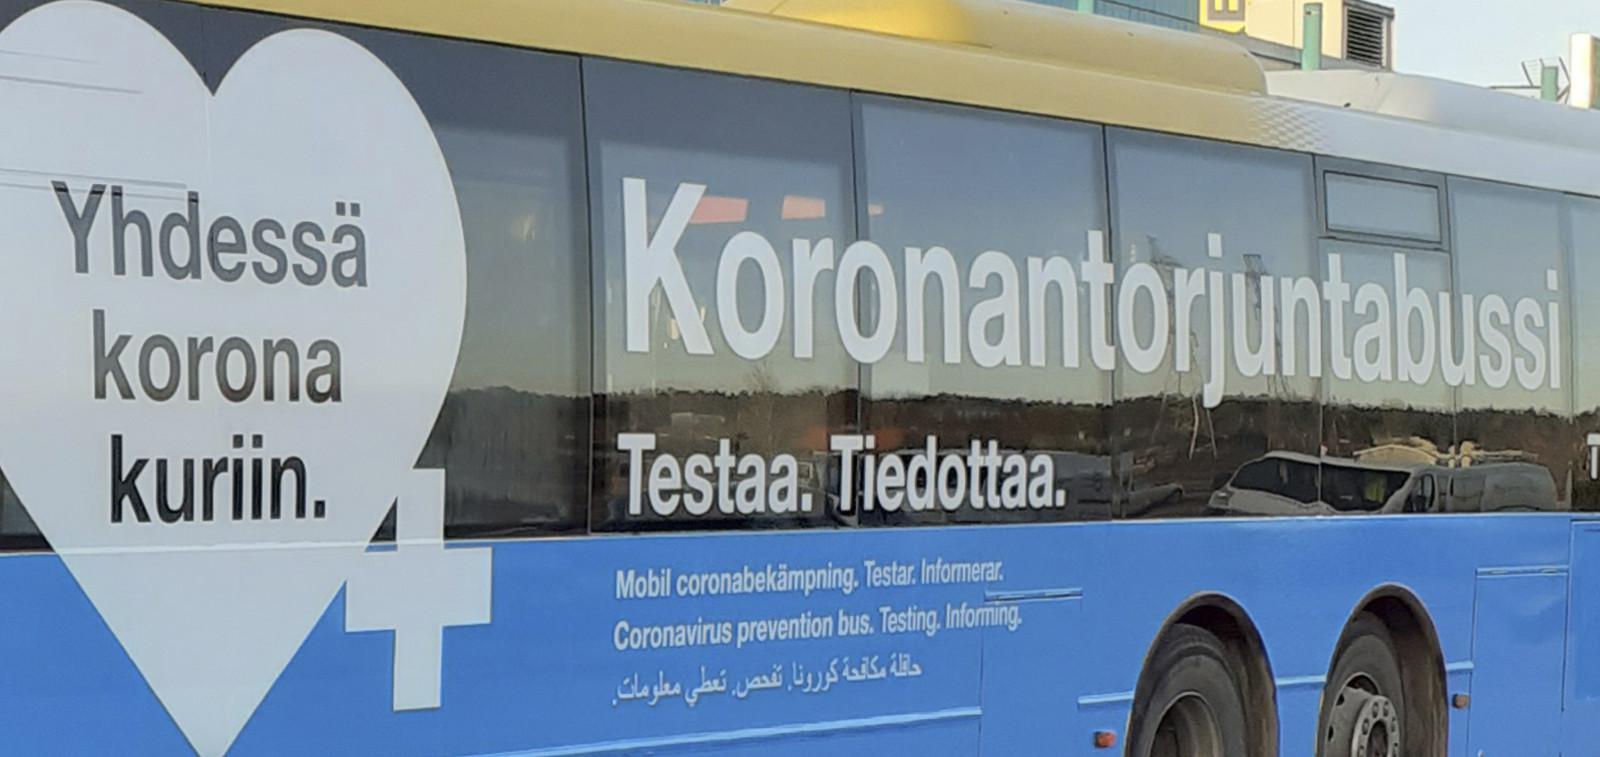 Koronabussin kylkitarroissa lukee: Yhdessä korona kuriin. Koronanatorjuntabussi testaa, tiedottaa..